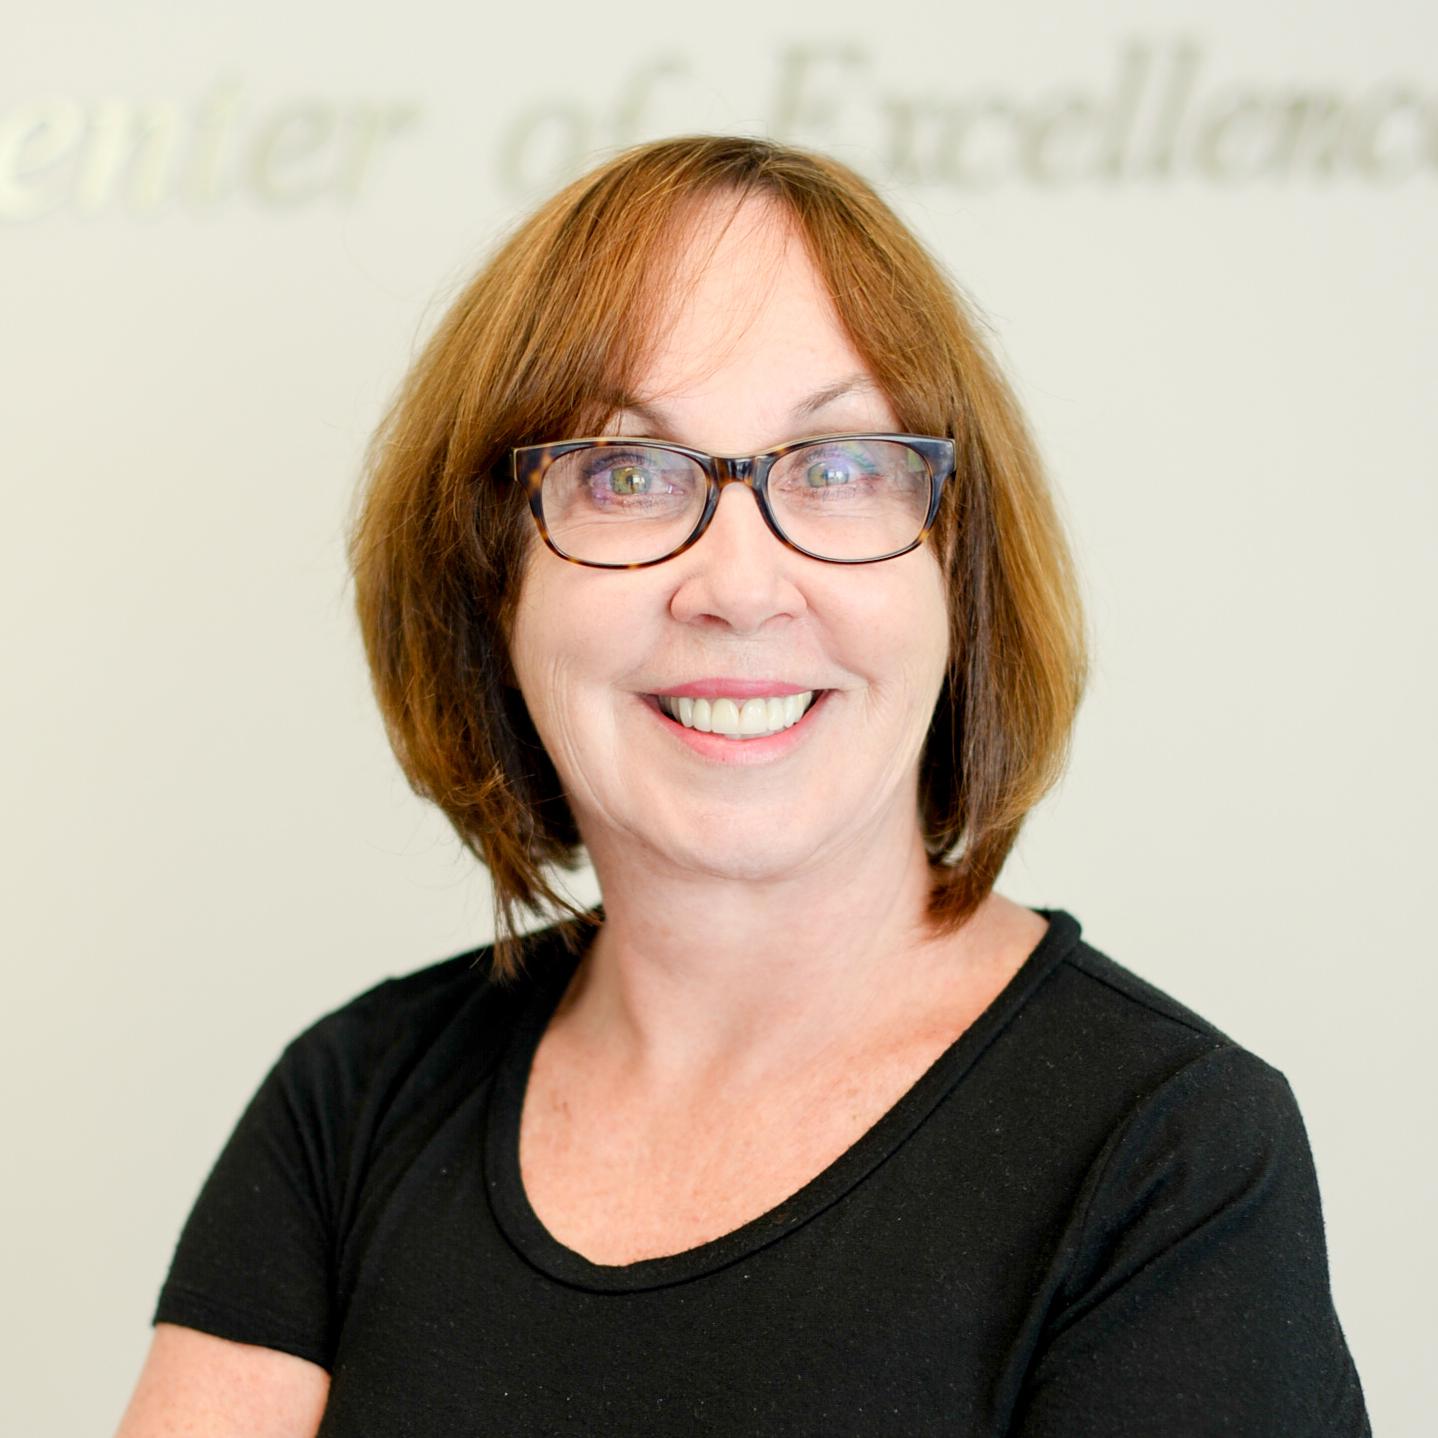 Susan Perry, Nurse Practitioner